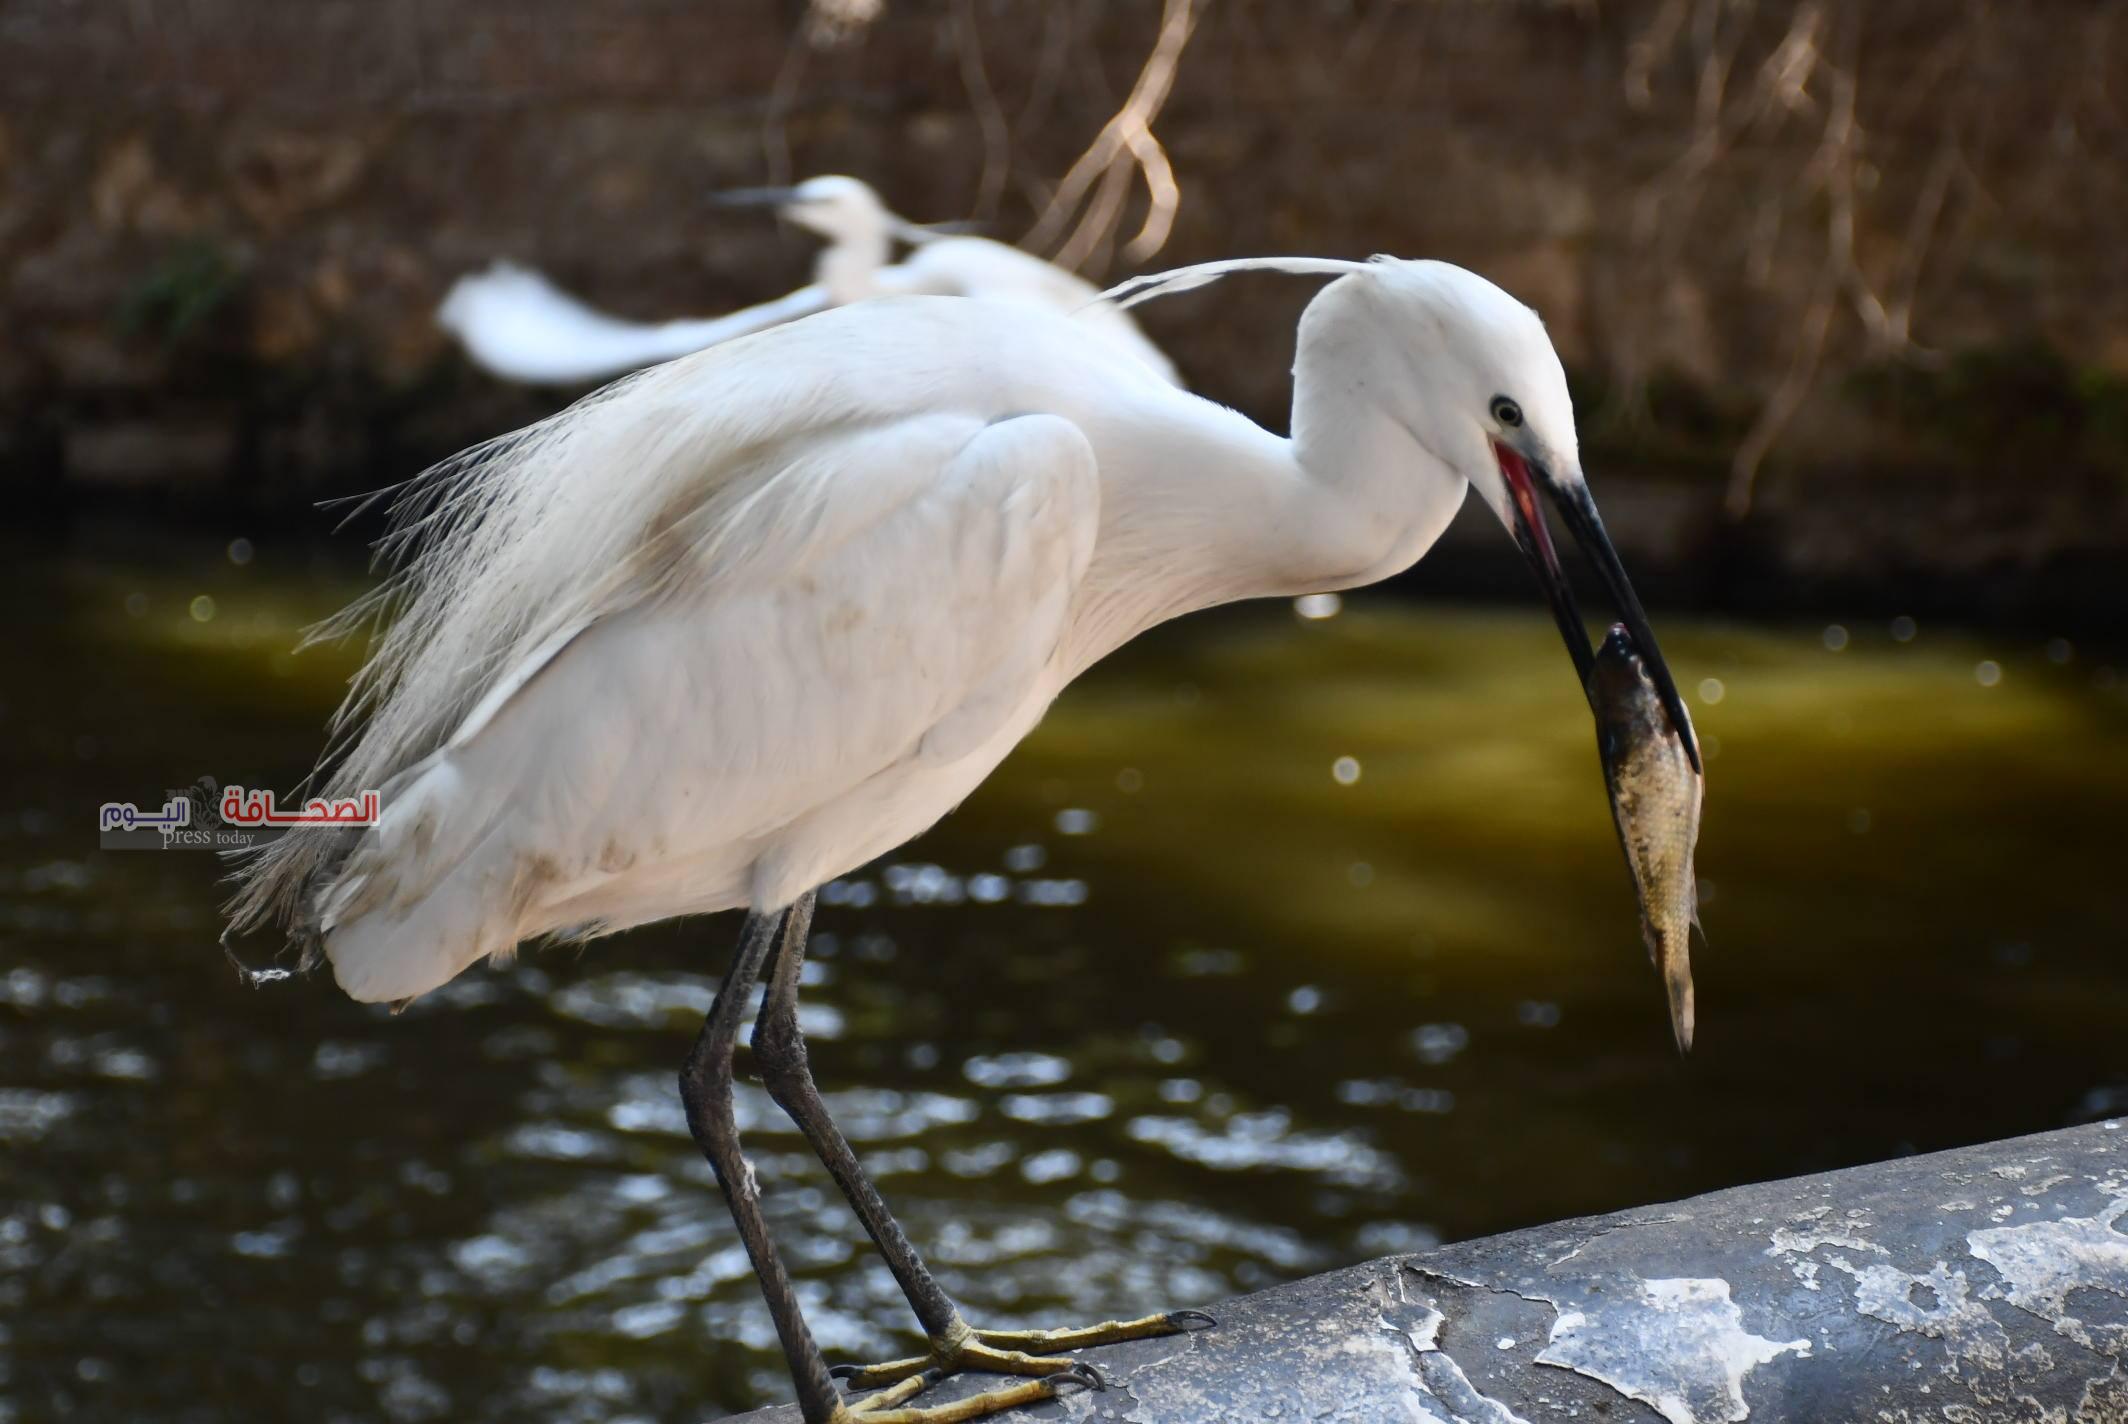 بالصور .. وصول طائر البلشون الامريكى صائد الاسماك لحديقة حيوان الجيزة